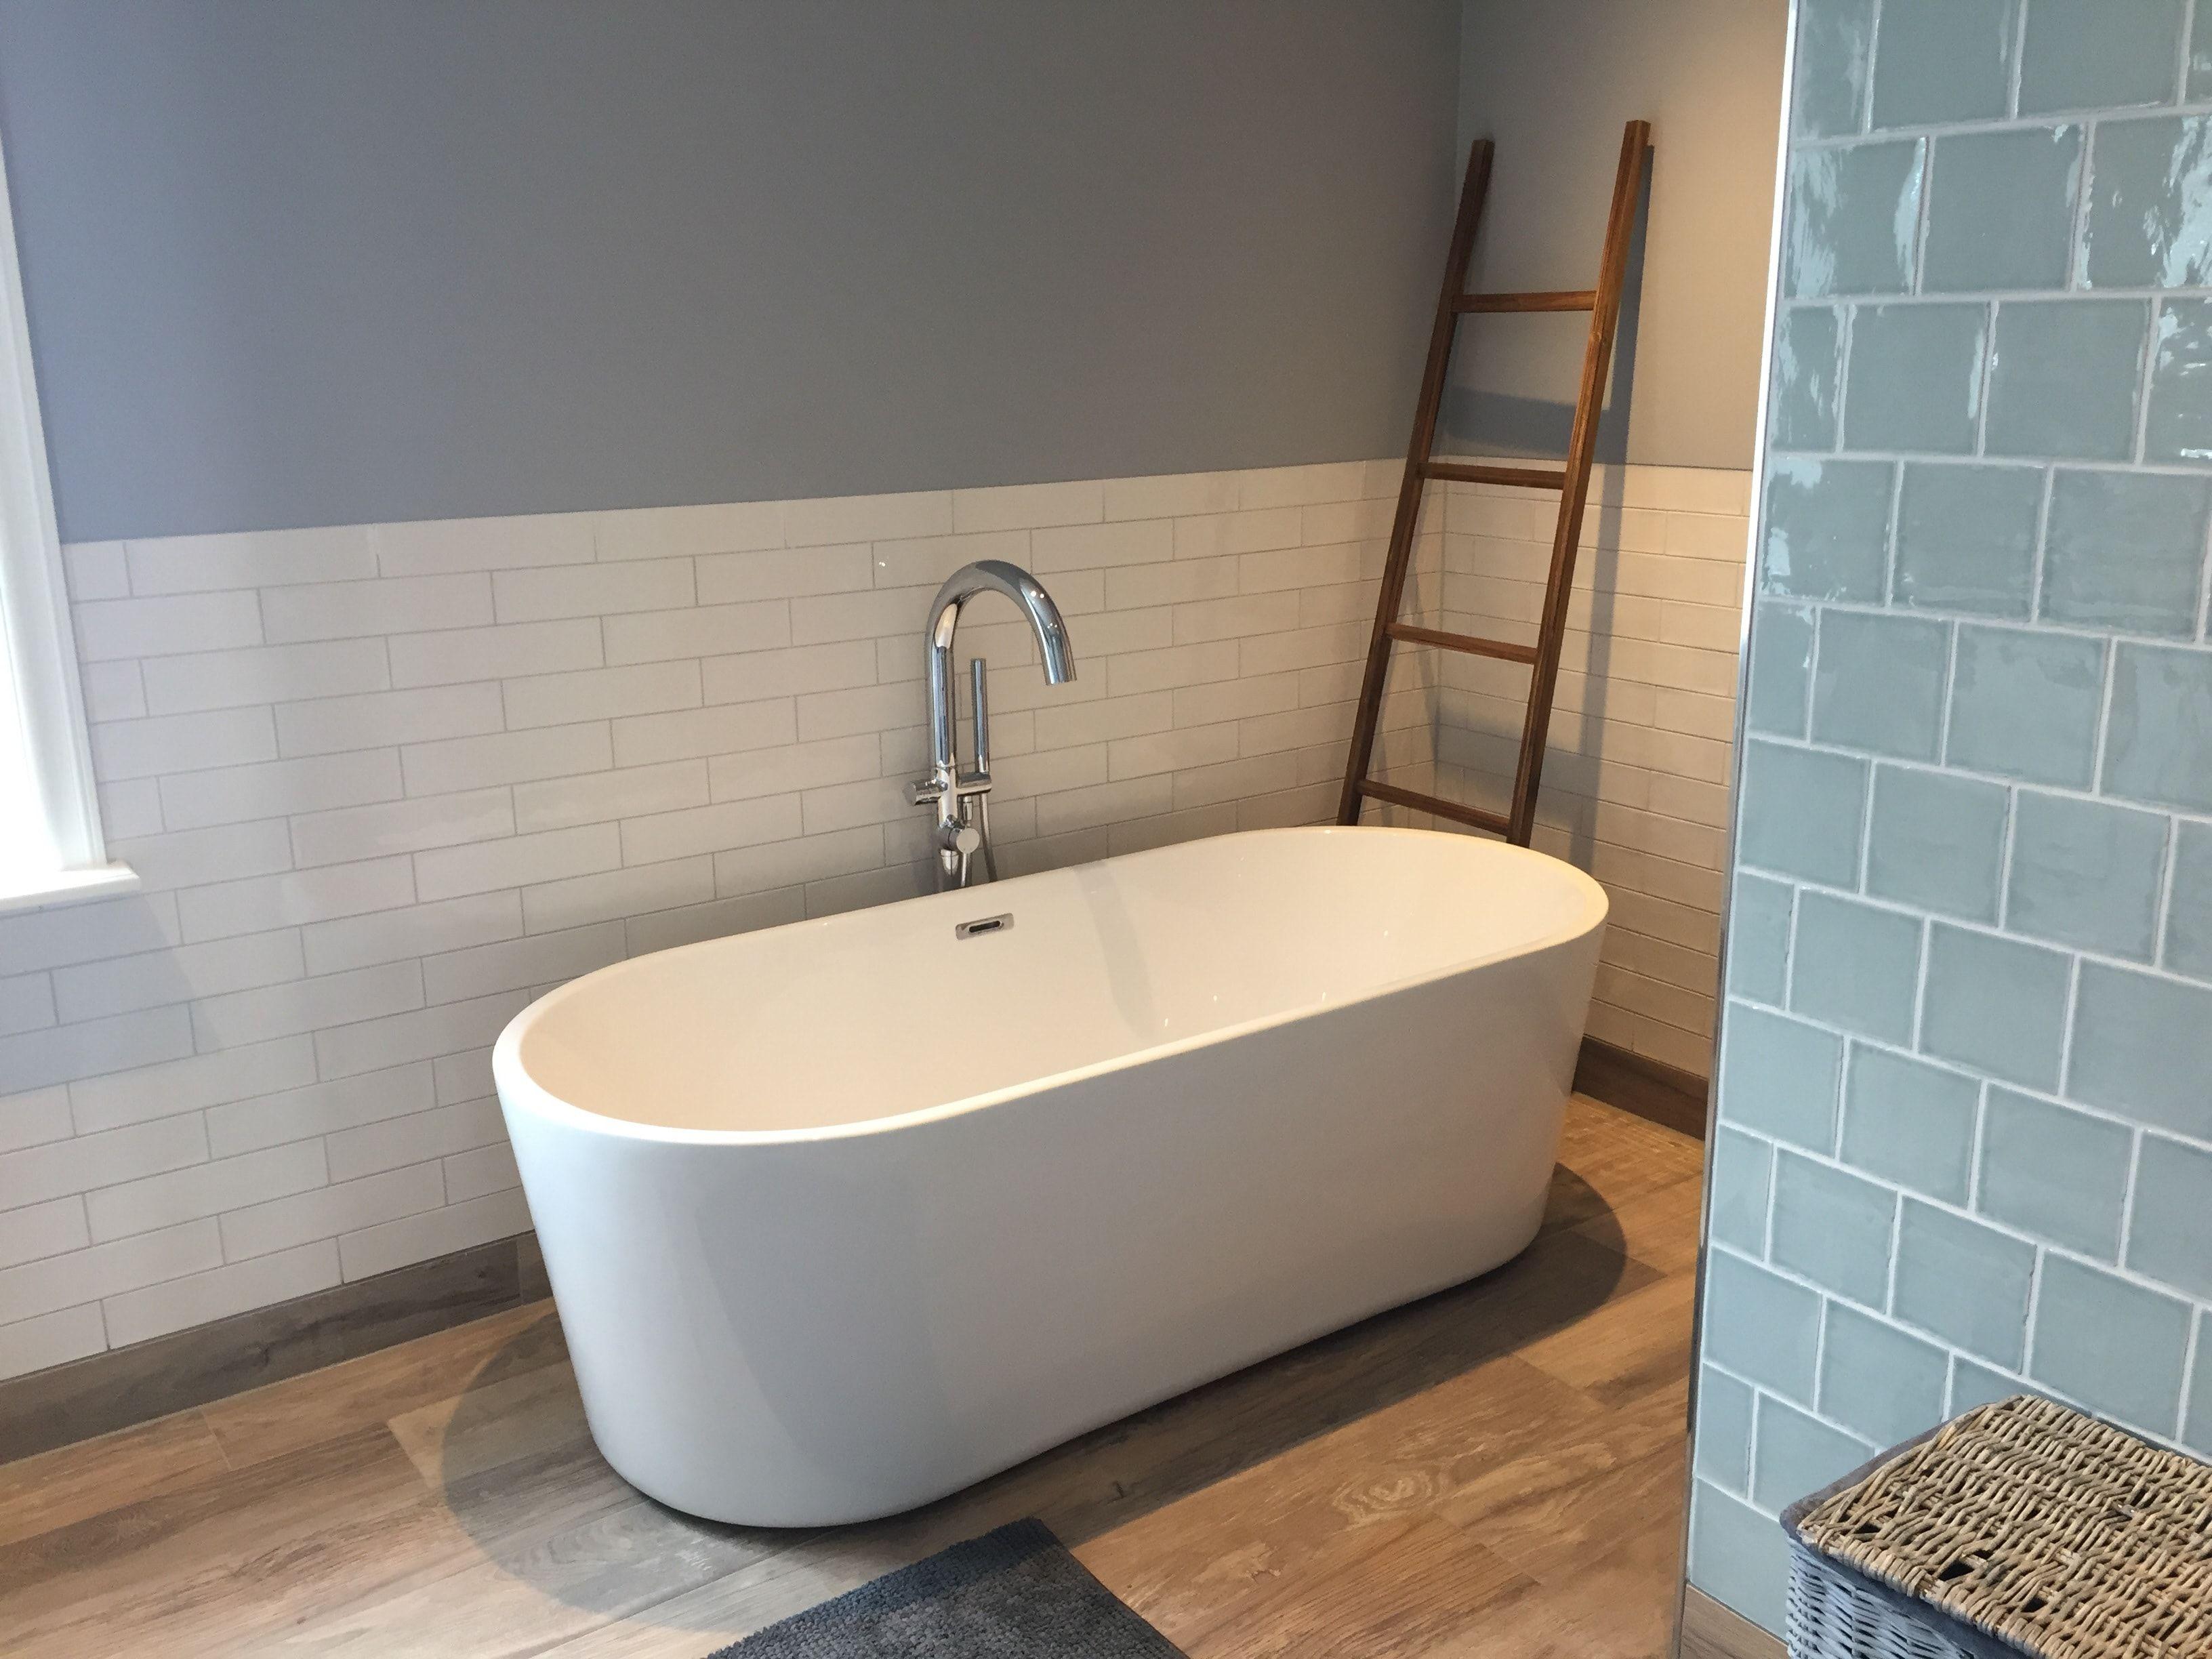 Landelijke Kranen Badkamer : Prachtige modern landelijke badkamer met planken tegels op de